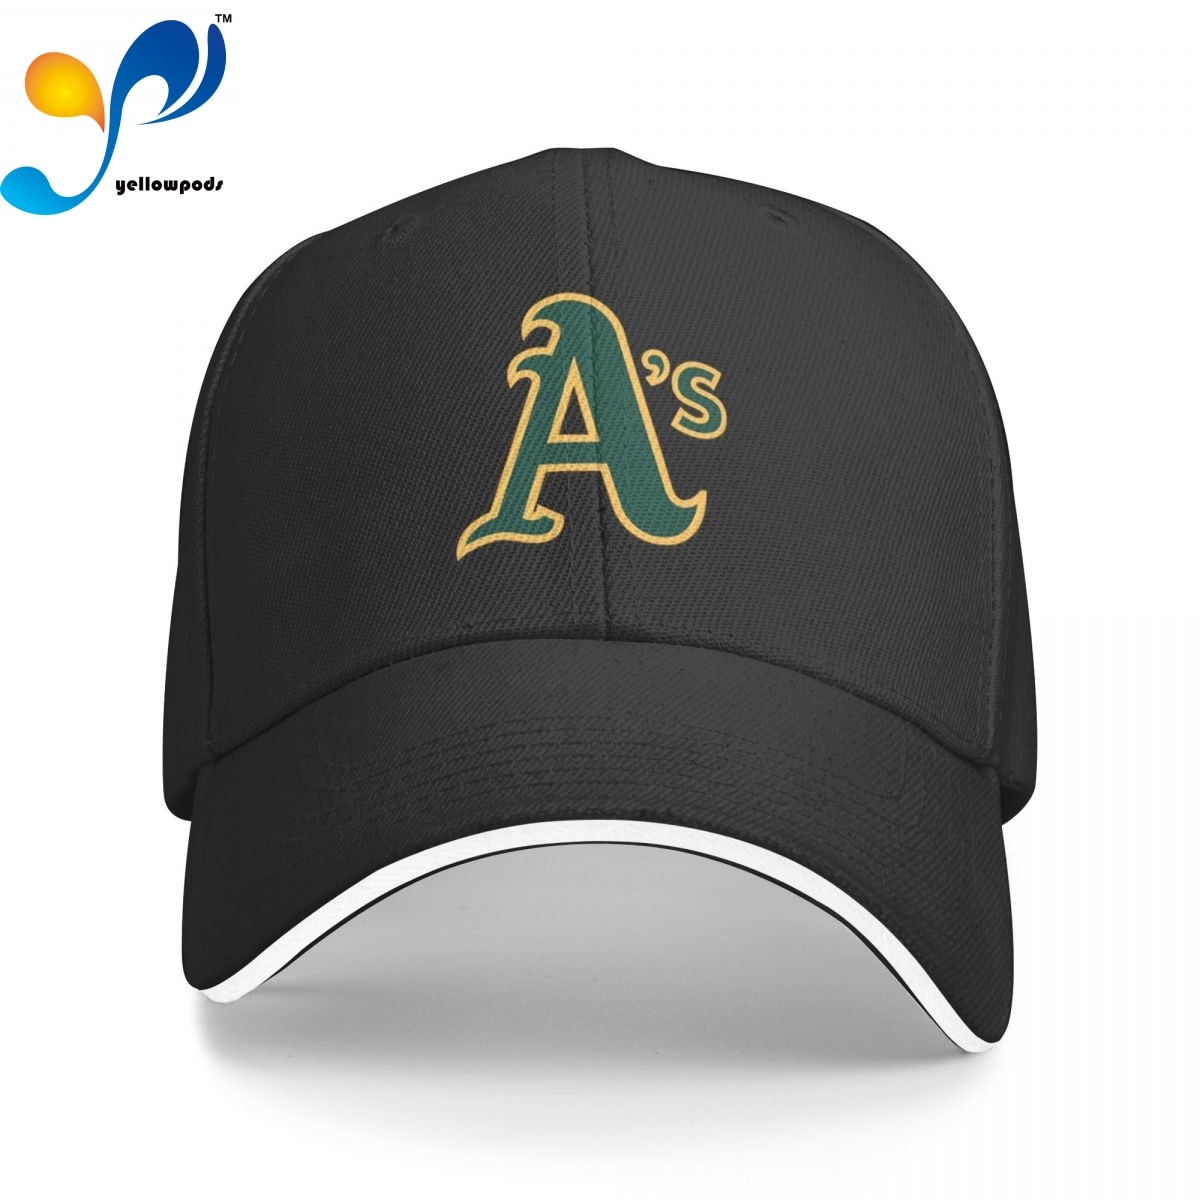 Легкая атлетика, Мужская Новая бейсбольная кепка, модная женская и Мужская трикотажная кепка